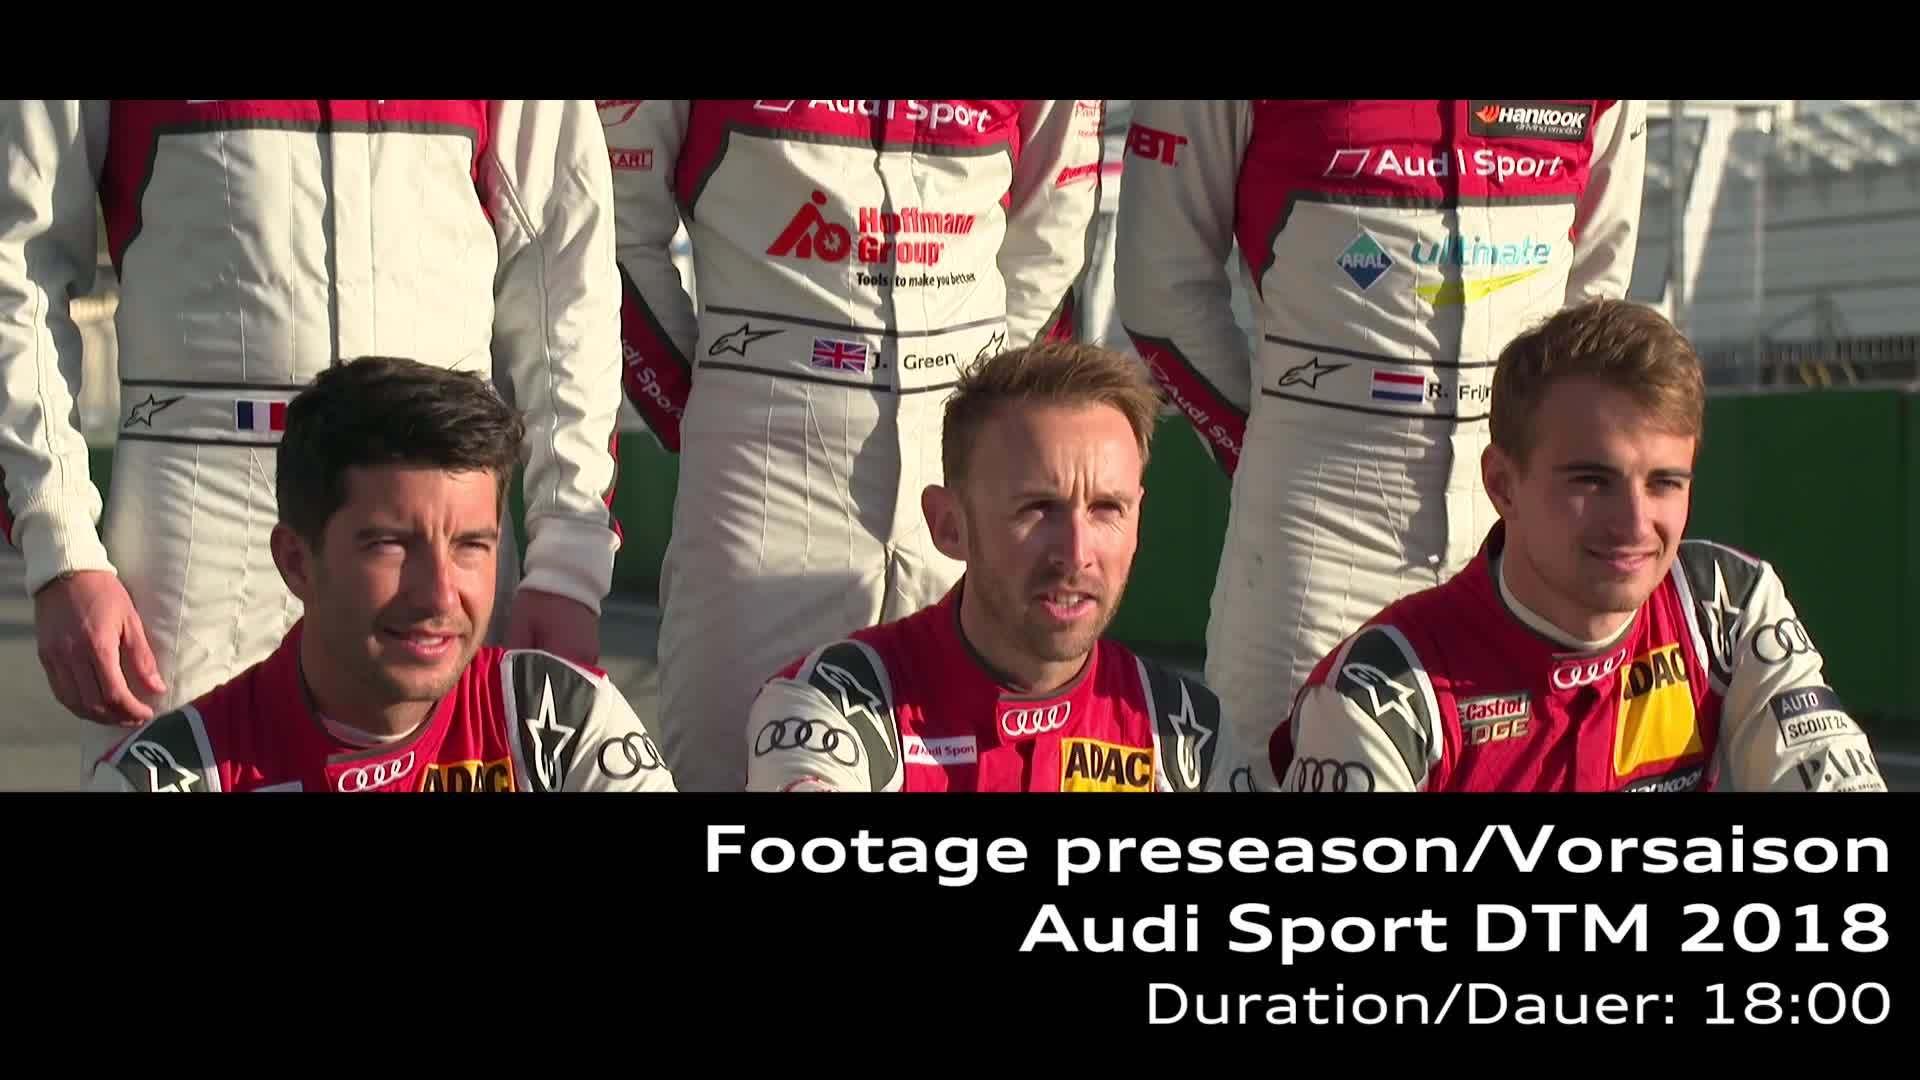 DTM 2018: Footage Vorsaison